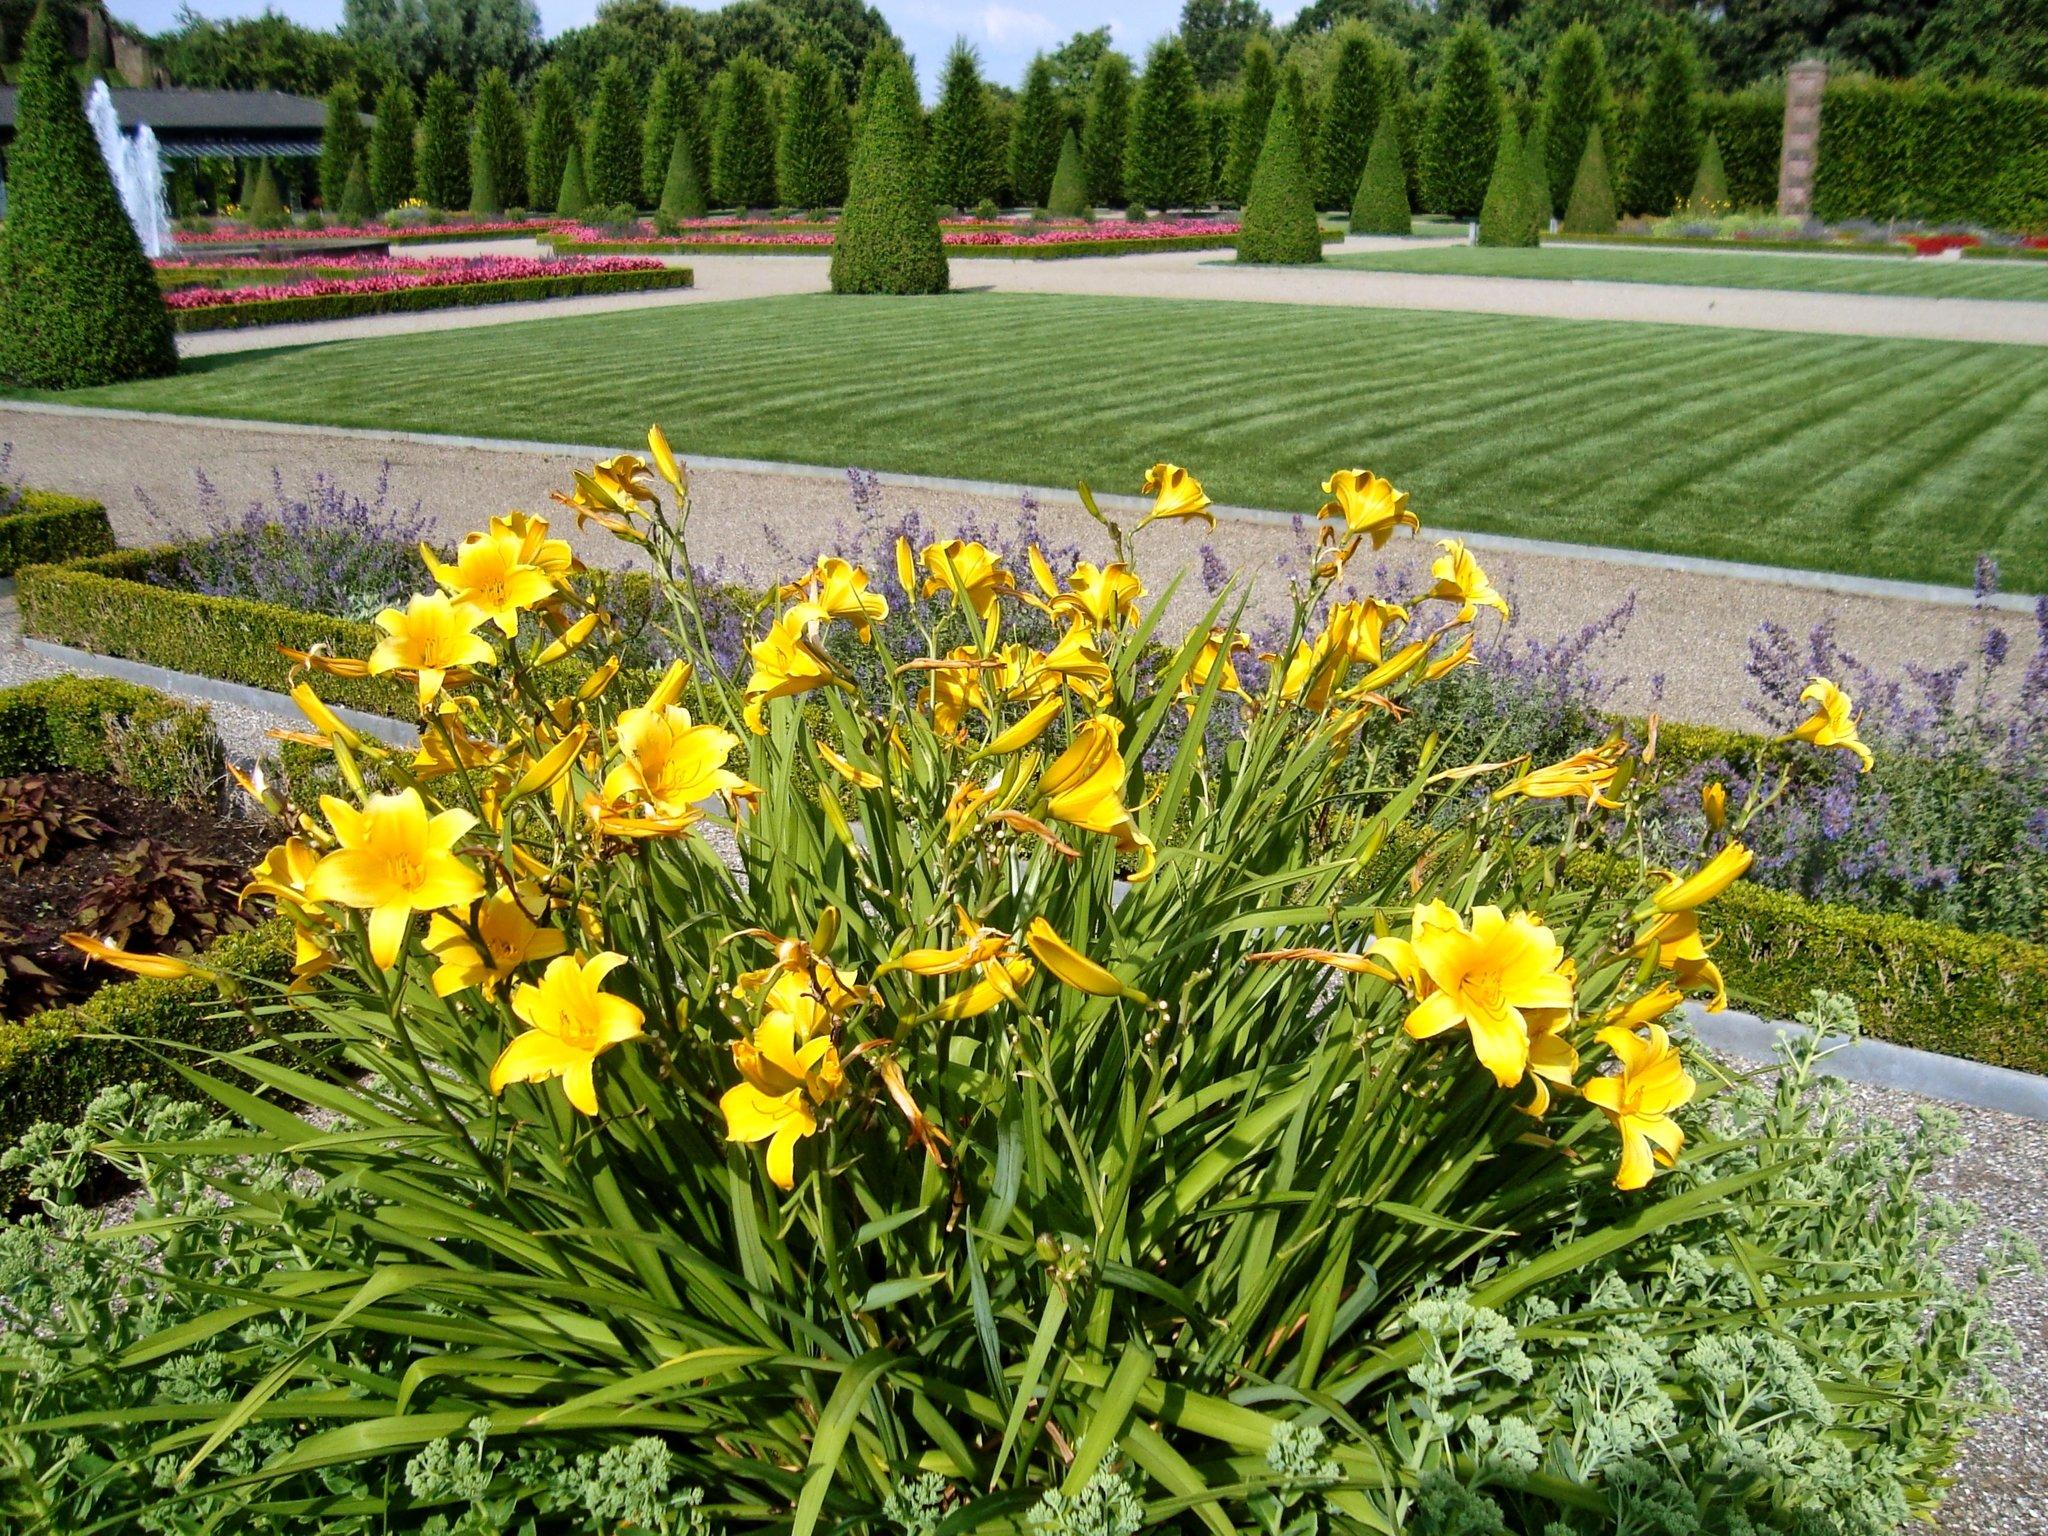 Ausflugstipp Ein Garten wie gemalt Der Terrassengarten